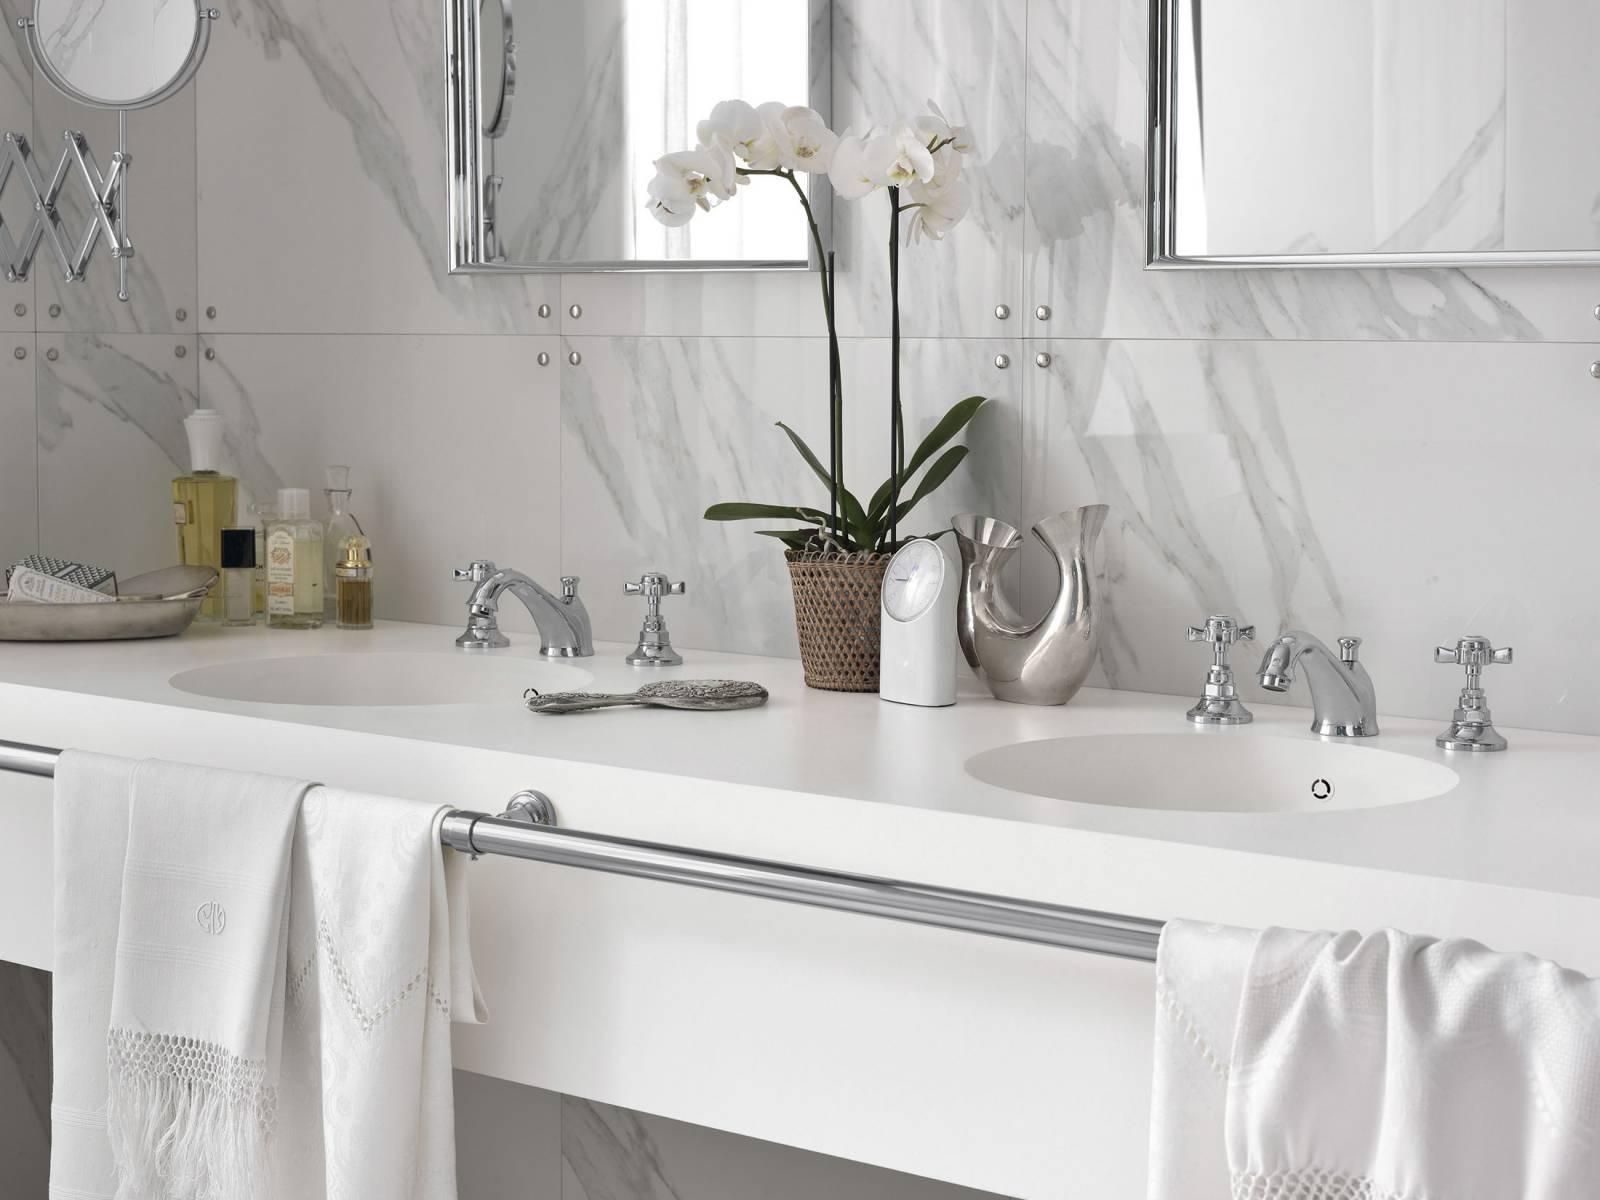 Plan vasque de salle de bain - Corian® solid surfaces, Corian®